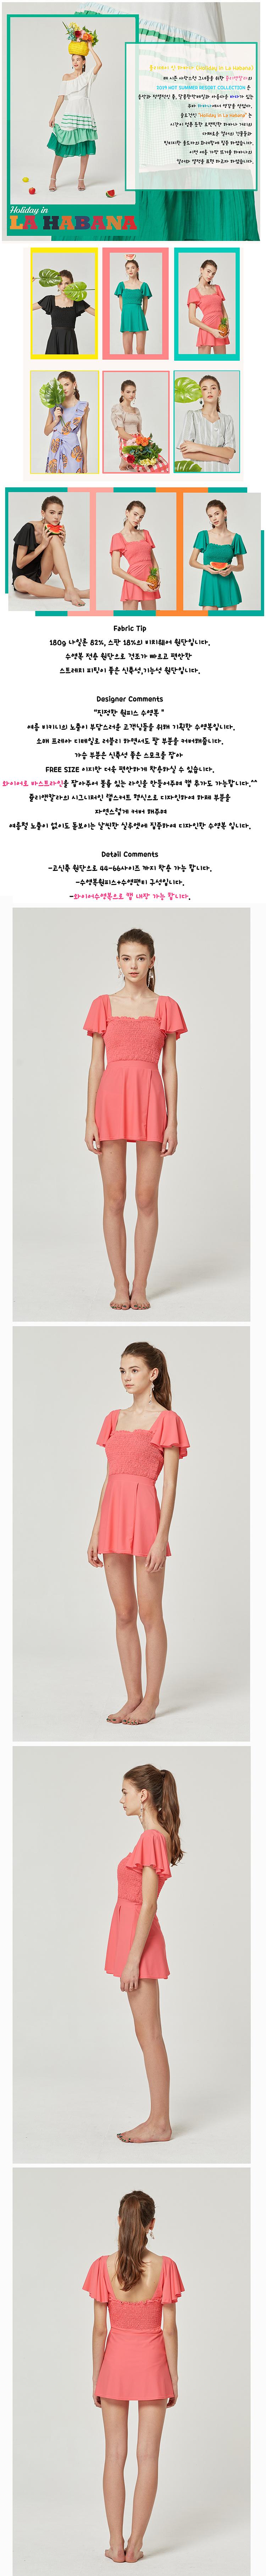 쥴리앤칼라(JULIY&CALLA) 쥴리원피스 2 하바나 수영복 핑크